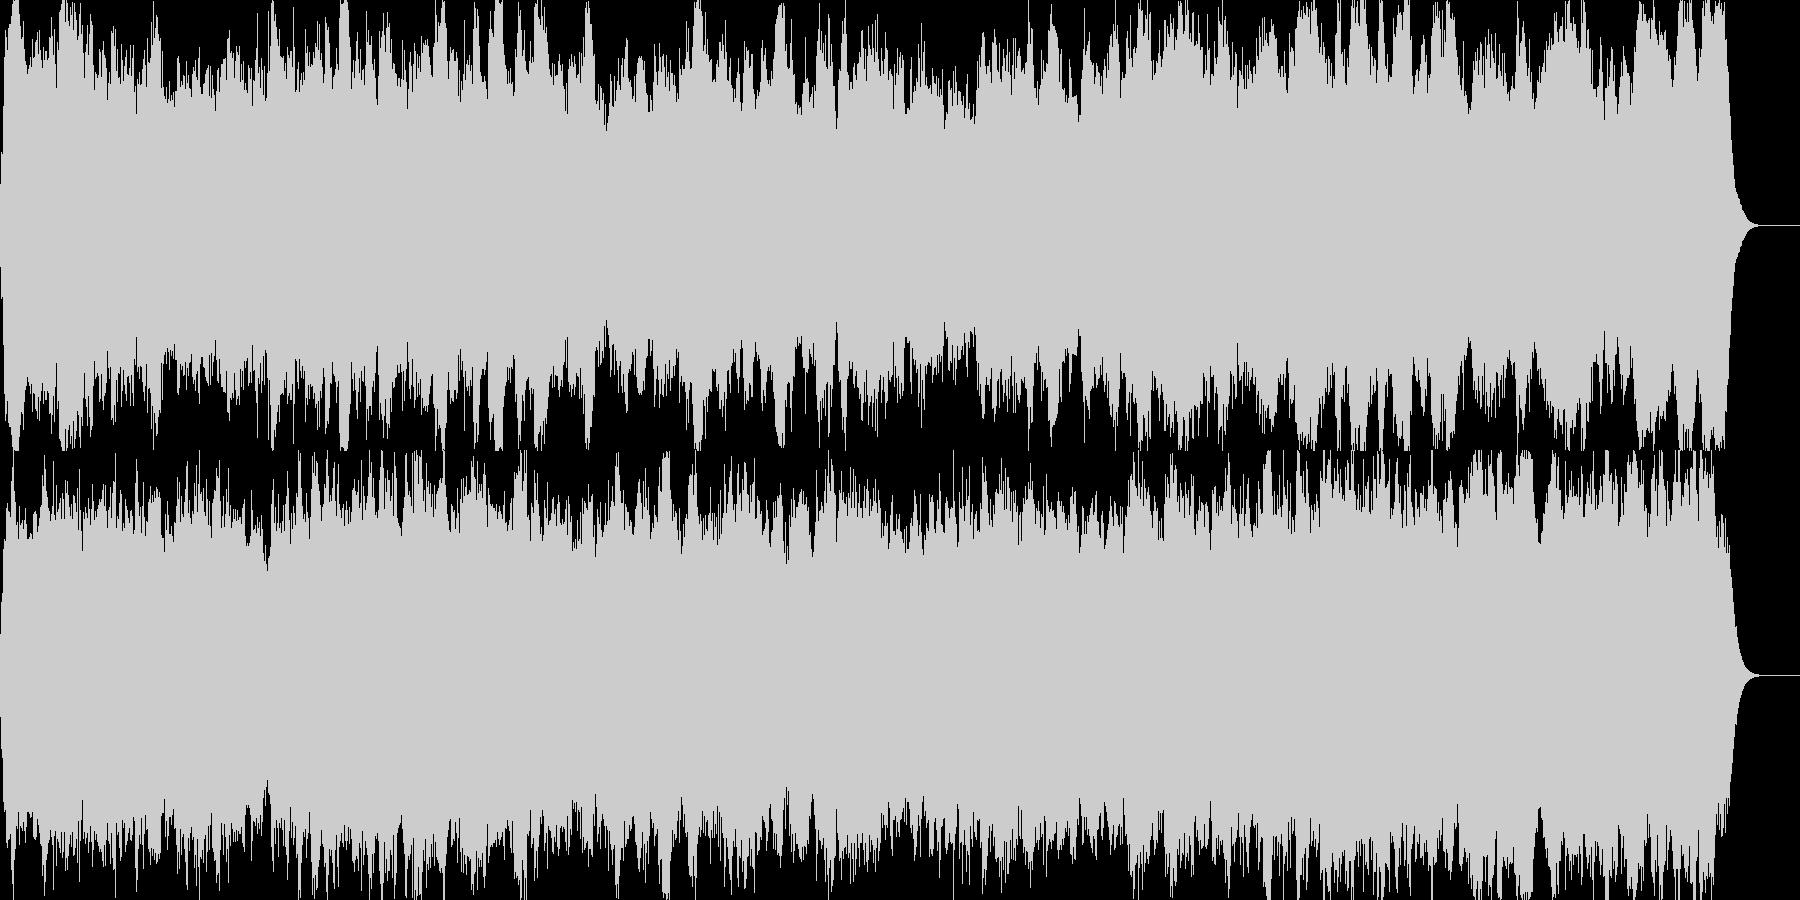 重厚で荘厳なパイプオルガンのオリジナル曲の未再生の波形